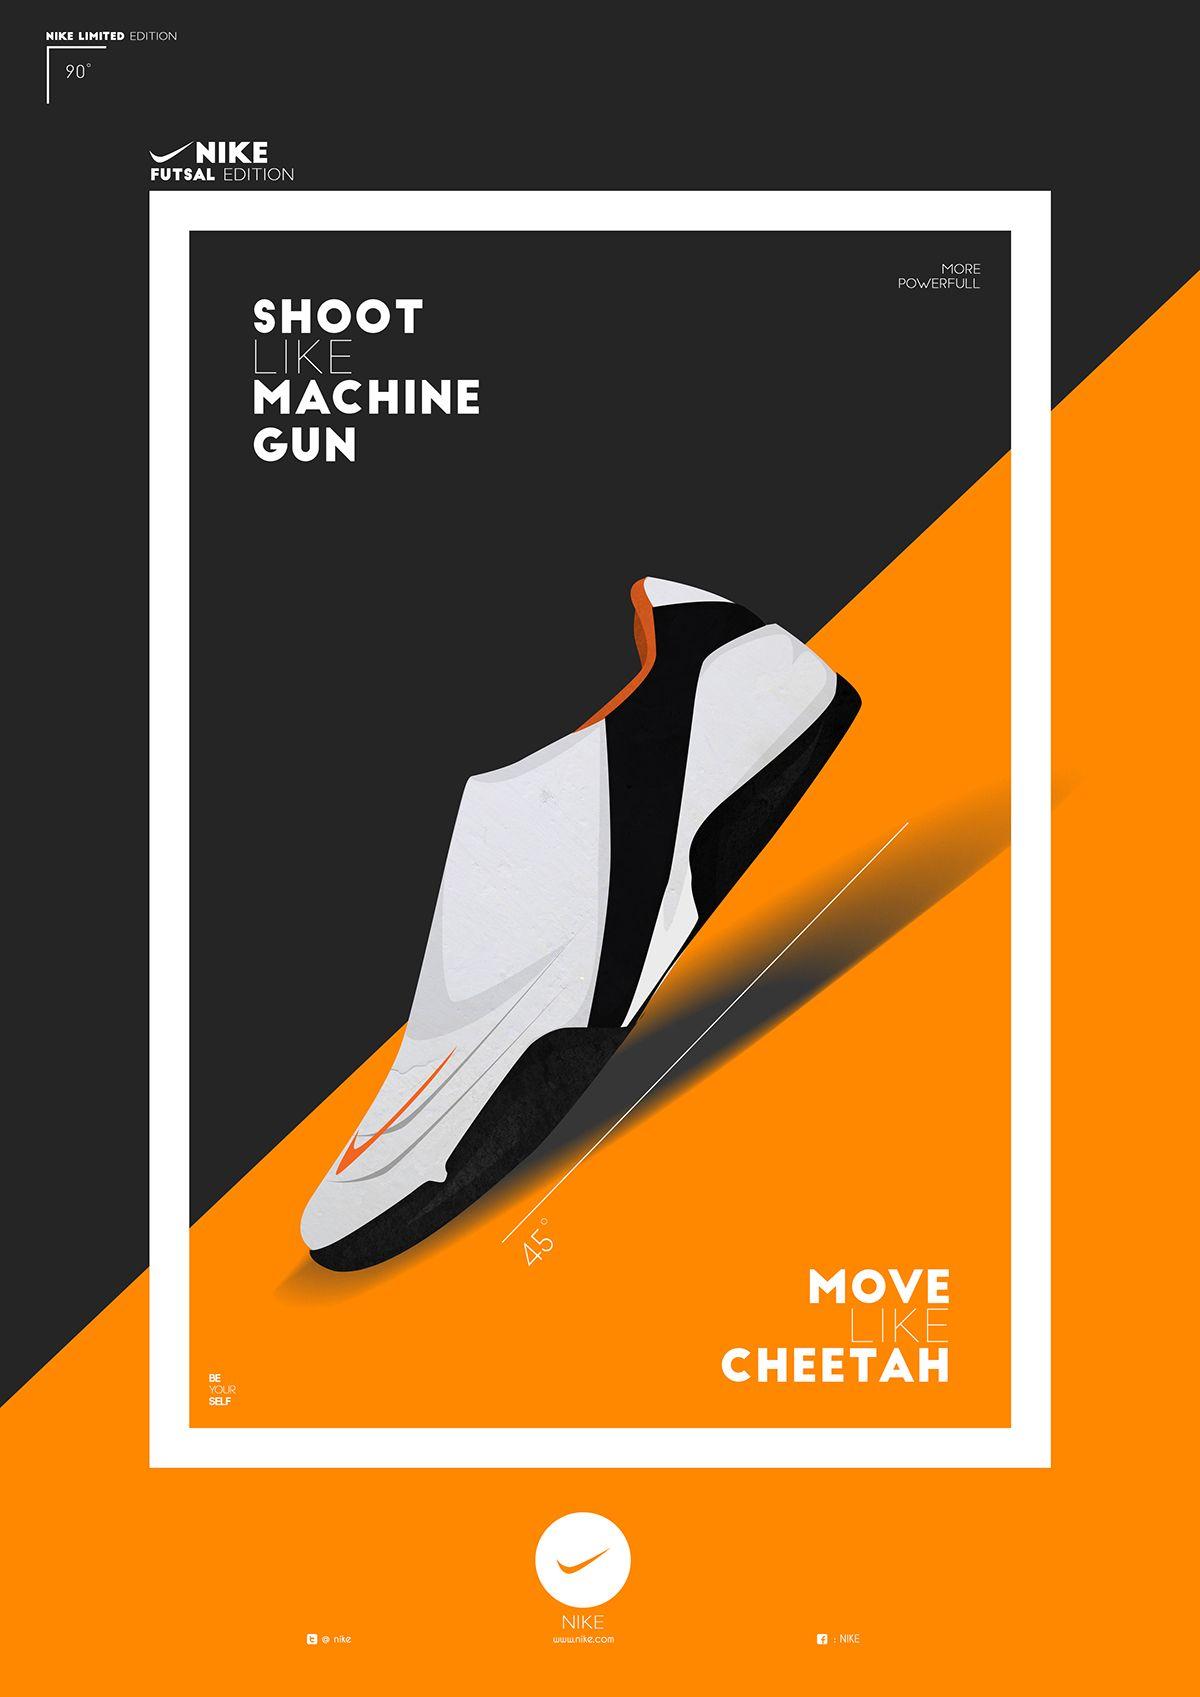 https://www.behance.net/gallery/33757472/Nike-